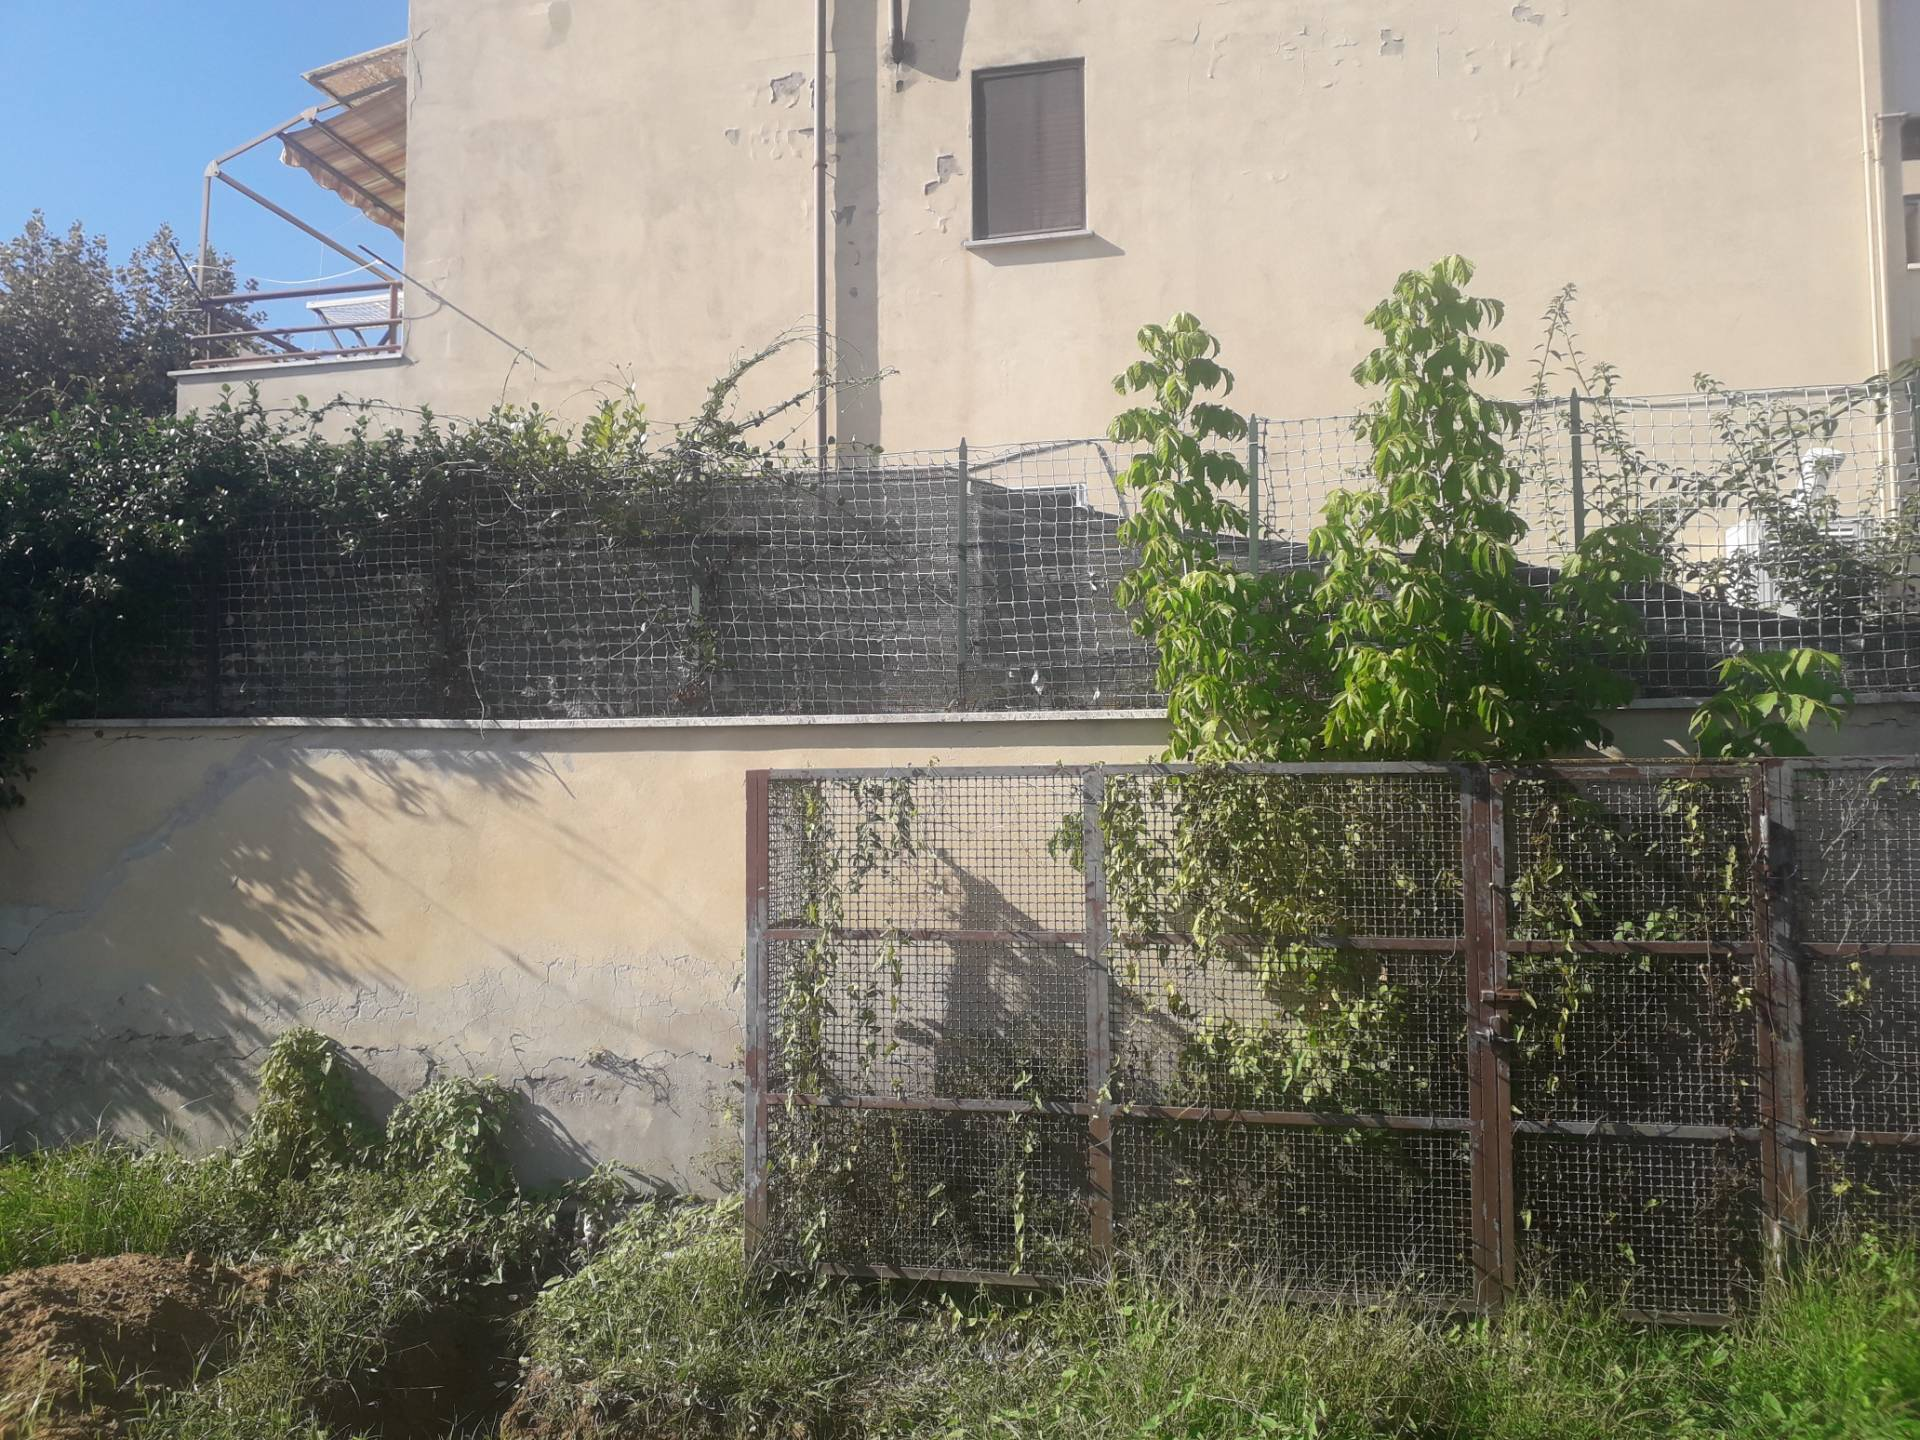 Appartamento in vendita a Nettuno, 5 locali, zona Località: loricina, prezzo € 119.000   PortaleAgenzieImmobiliari.it